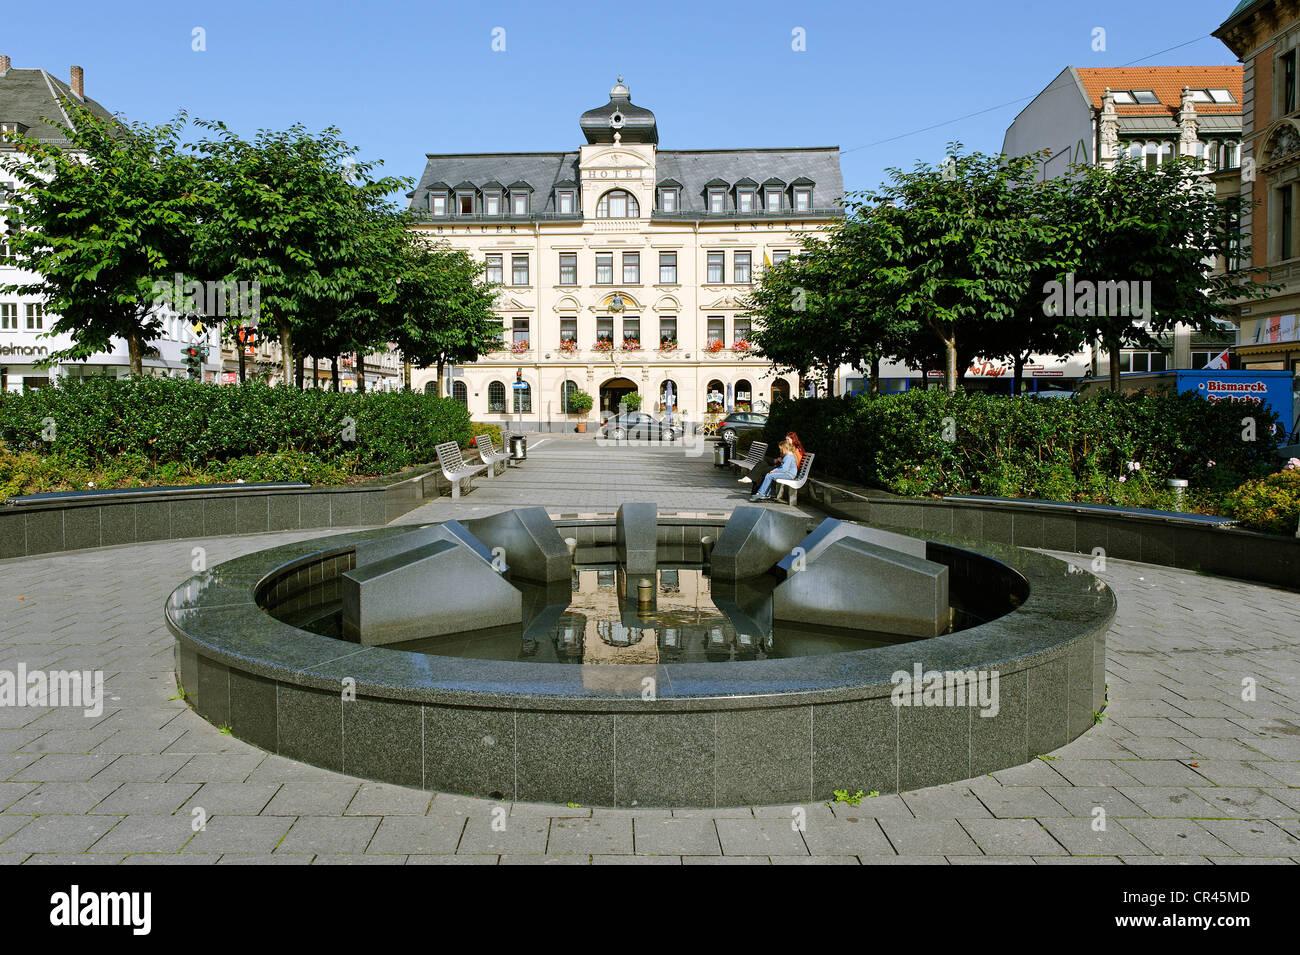 Hotel Blauer Engel, im 17. Jahrhundert gegründet, Altmarkt Square, Aue, Sachsen, Deutschland, Europa Stockbild